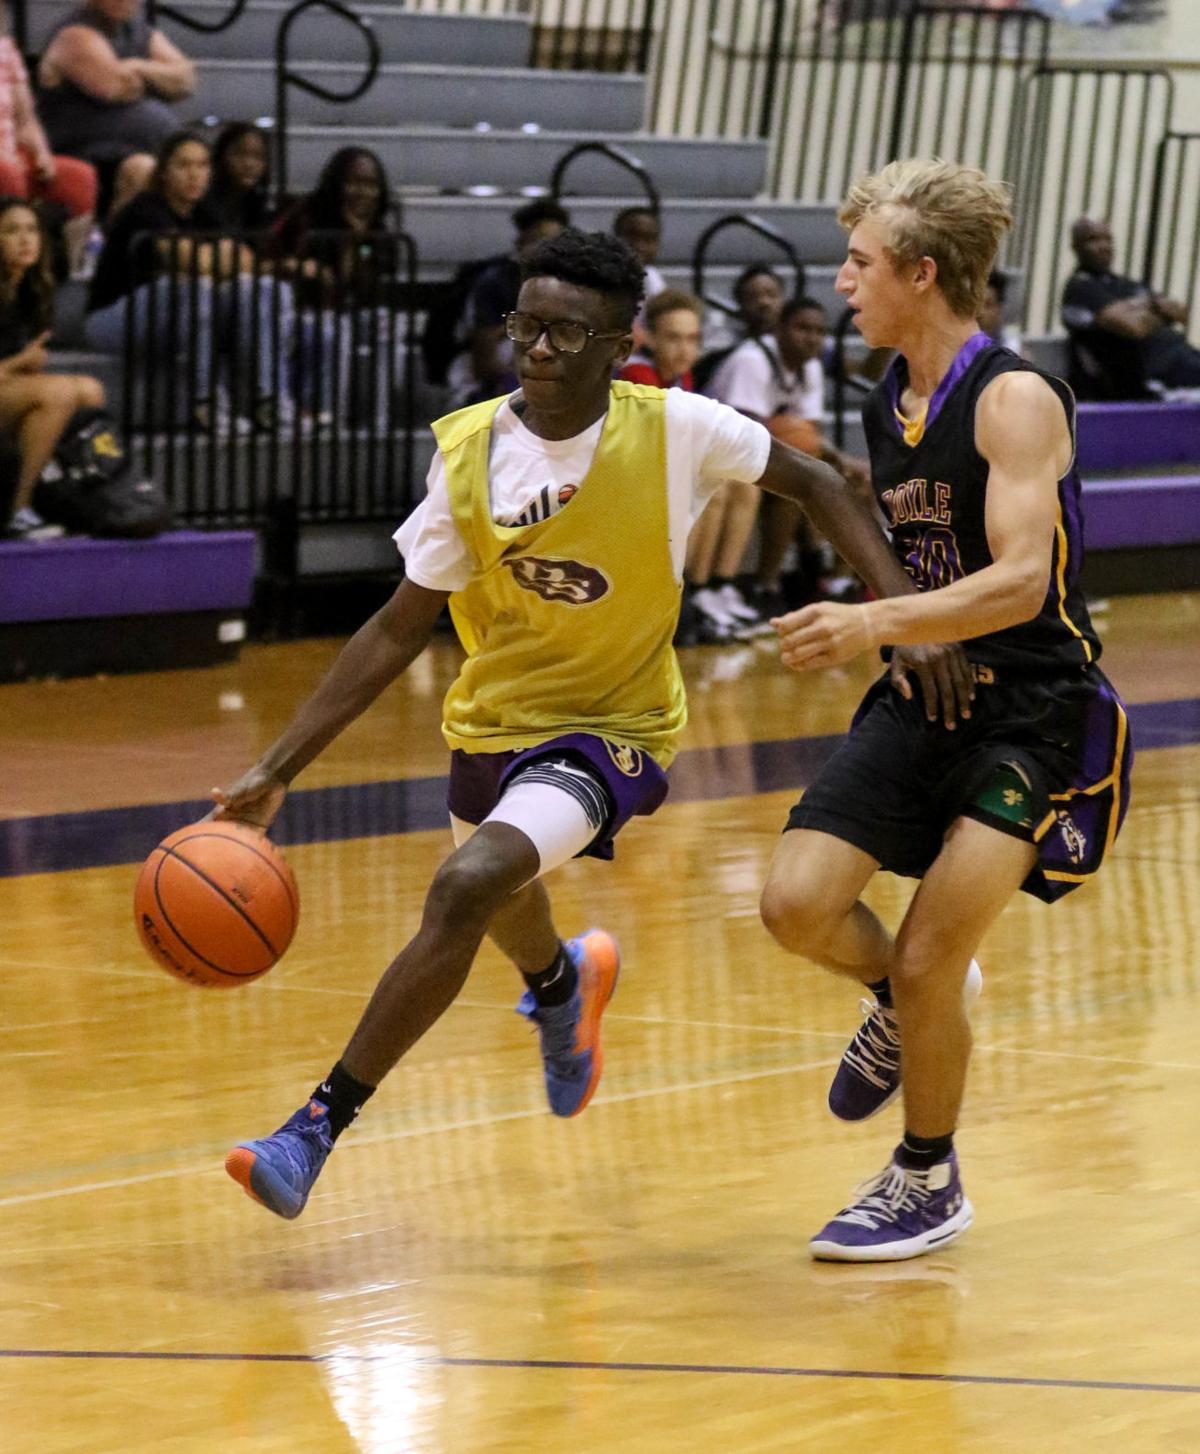 Denham Springs vs Doyle summer basketball: Jordan Reams (4), Cade Watts